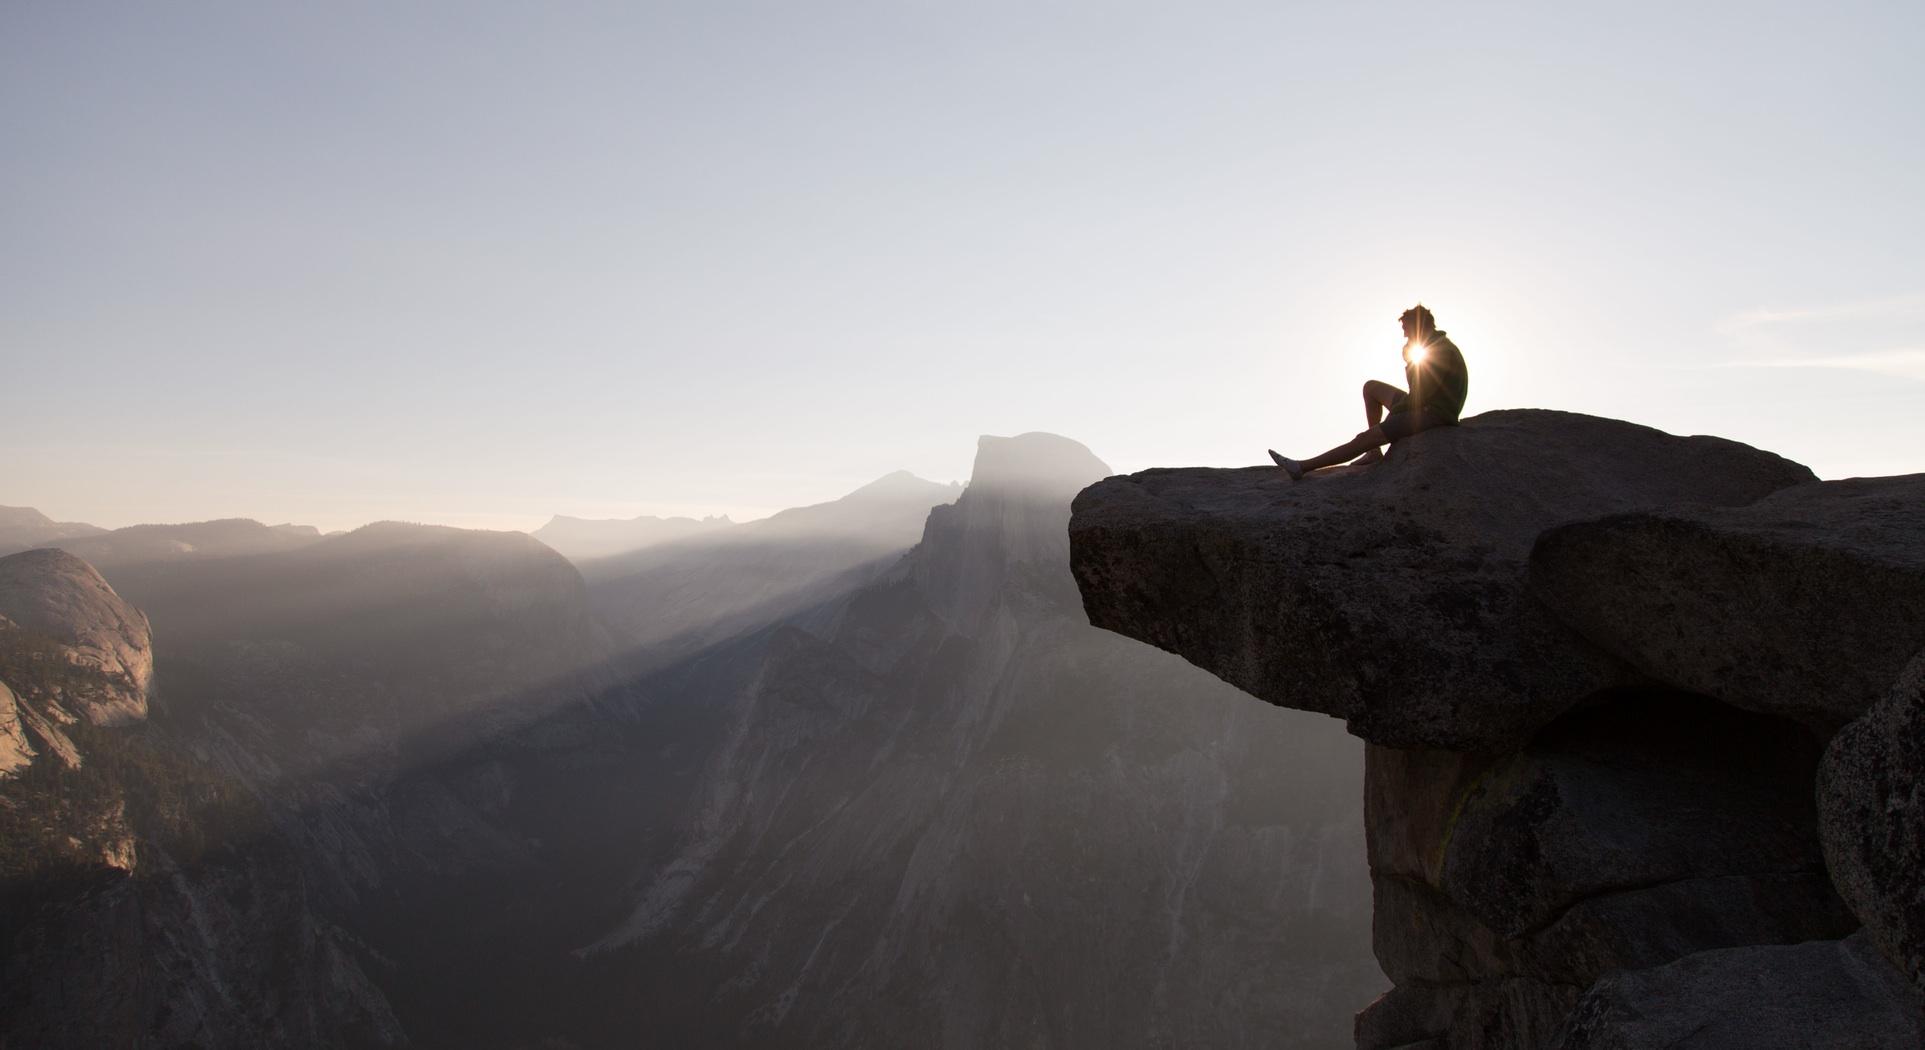 Pourquoi vous n'avancez pas dans la vie ? Pourquoi on ne réussit pas ? Réussite, objectifs, détermination, routine, vie bloqué,, bonheur